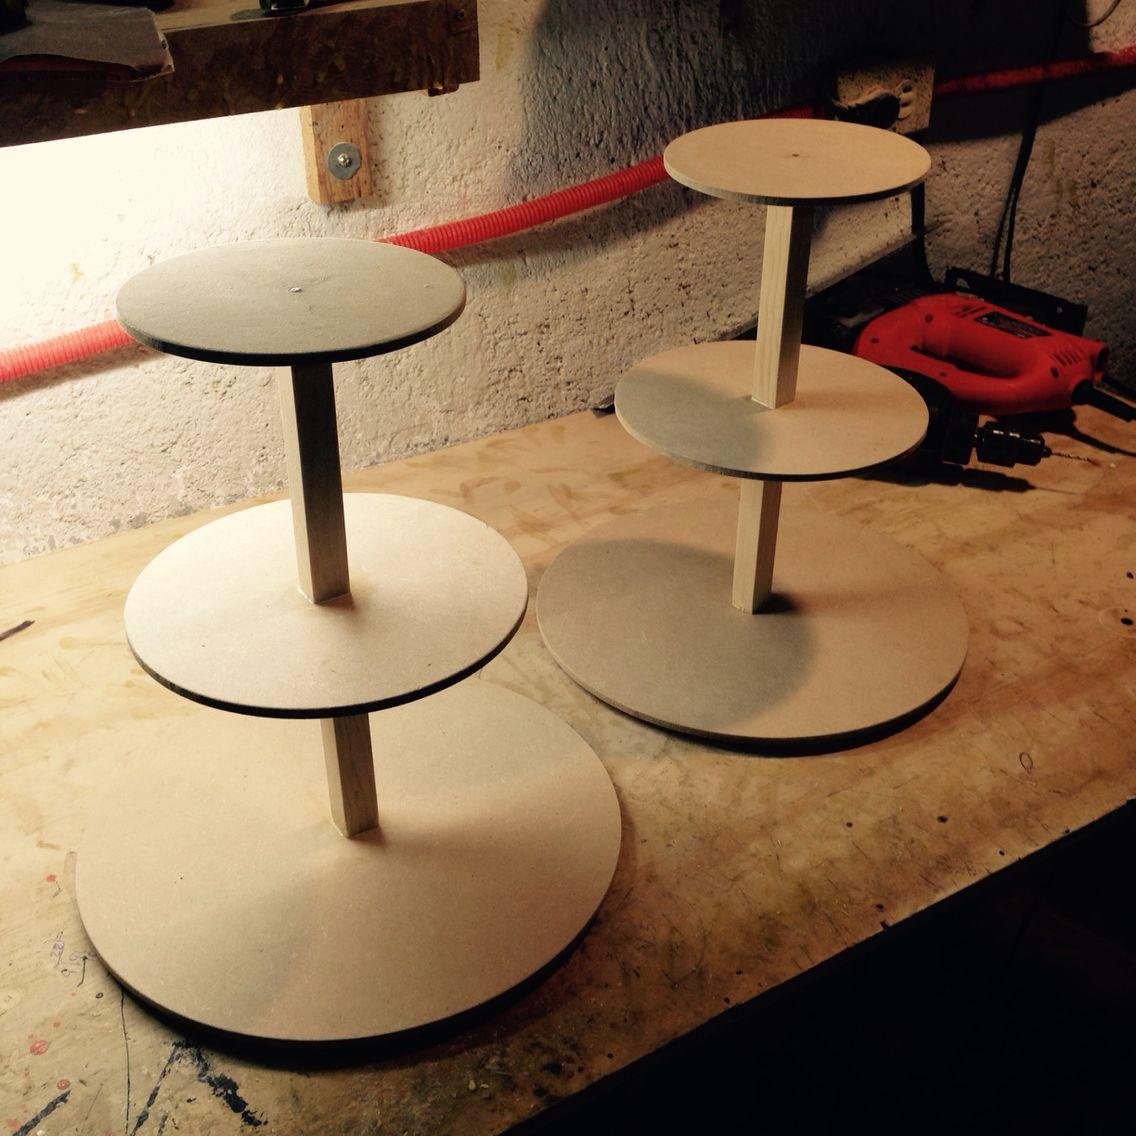 Bases de 3 niveles para cupcakes elaboradas con madera - Bases para cupcakes ...